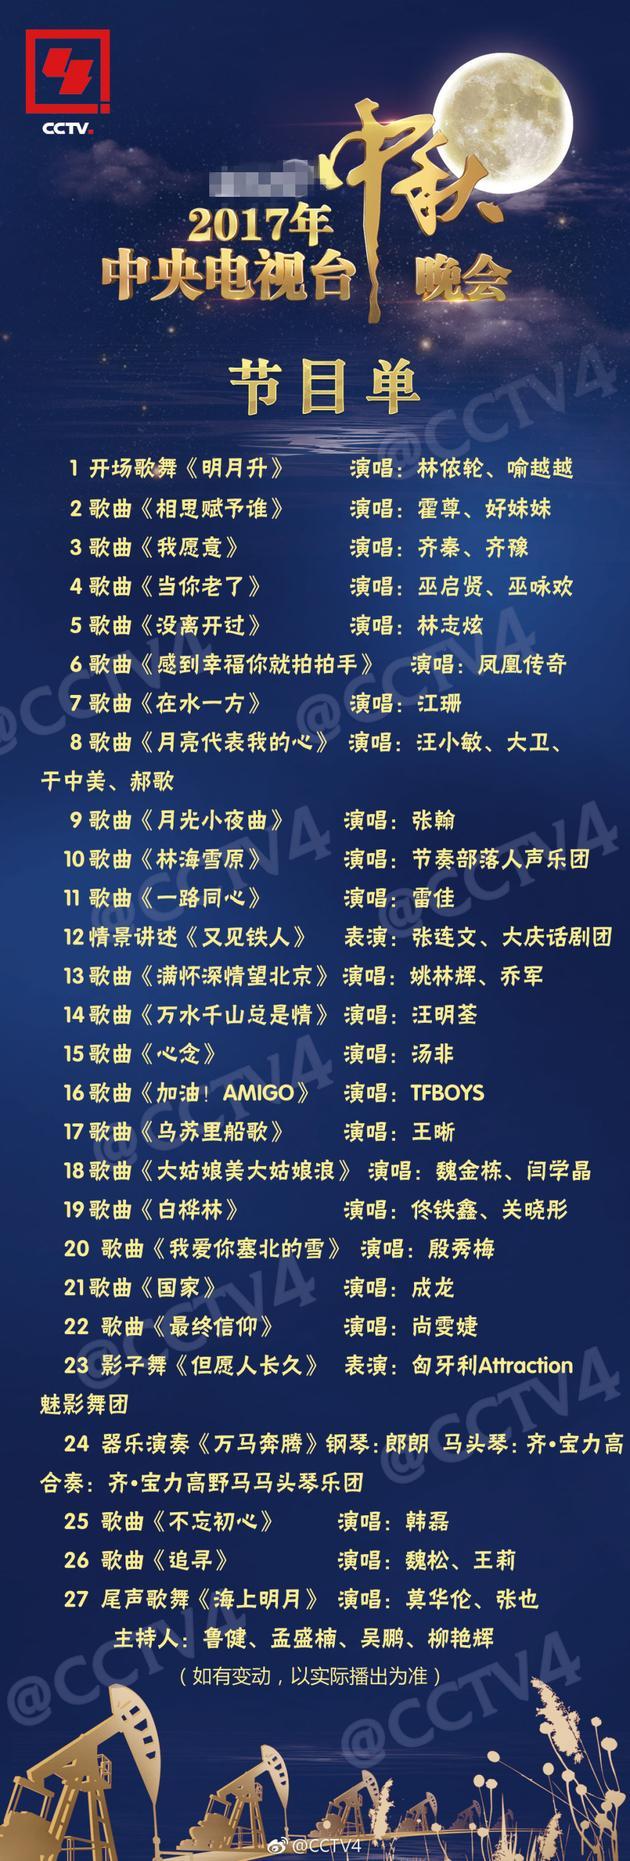 歌曲曲谱不忘初心-2017年央视中秋晚会节目单 首次东北演出